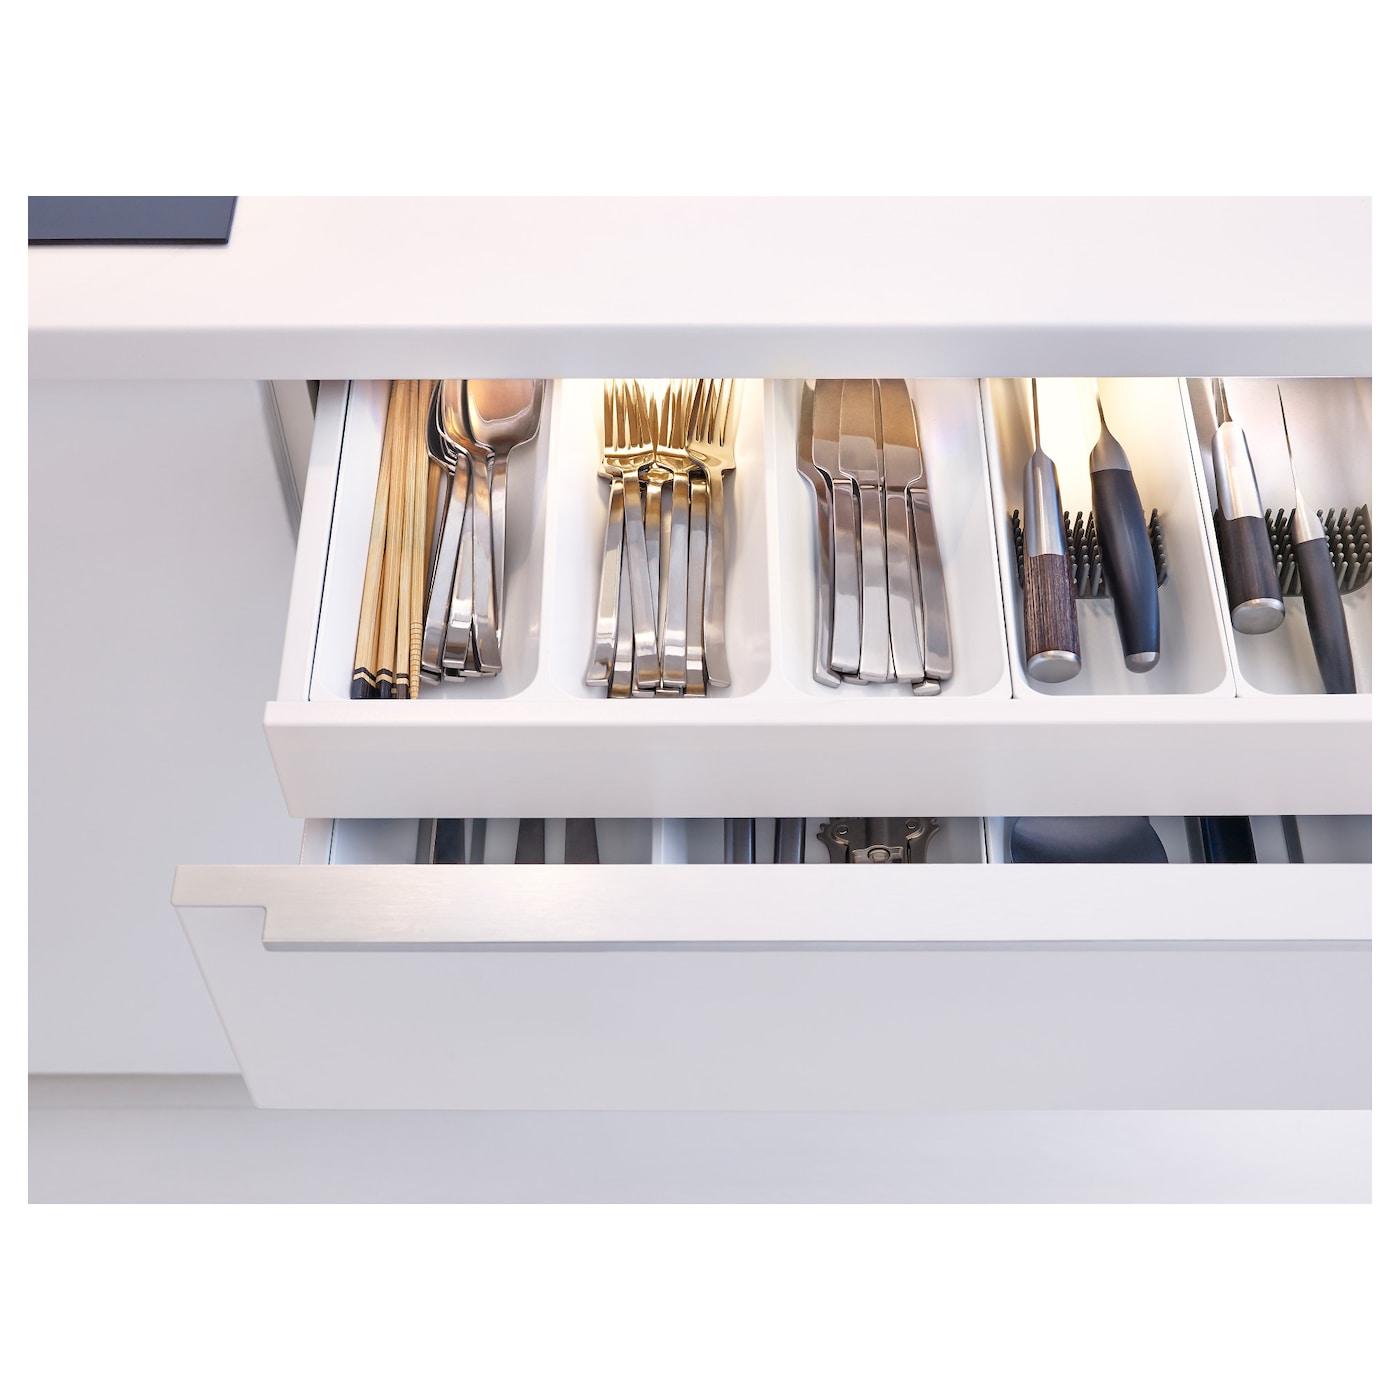 OMLOPP LED lighting strip for drawers Aluminium-colour 56 cm - IKEA